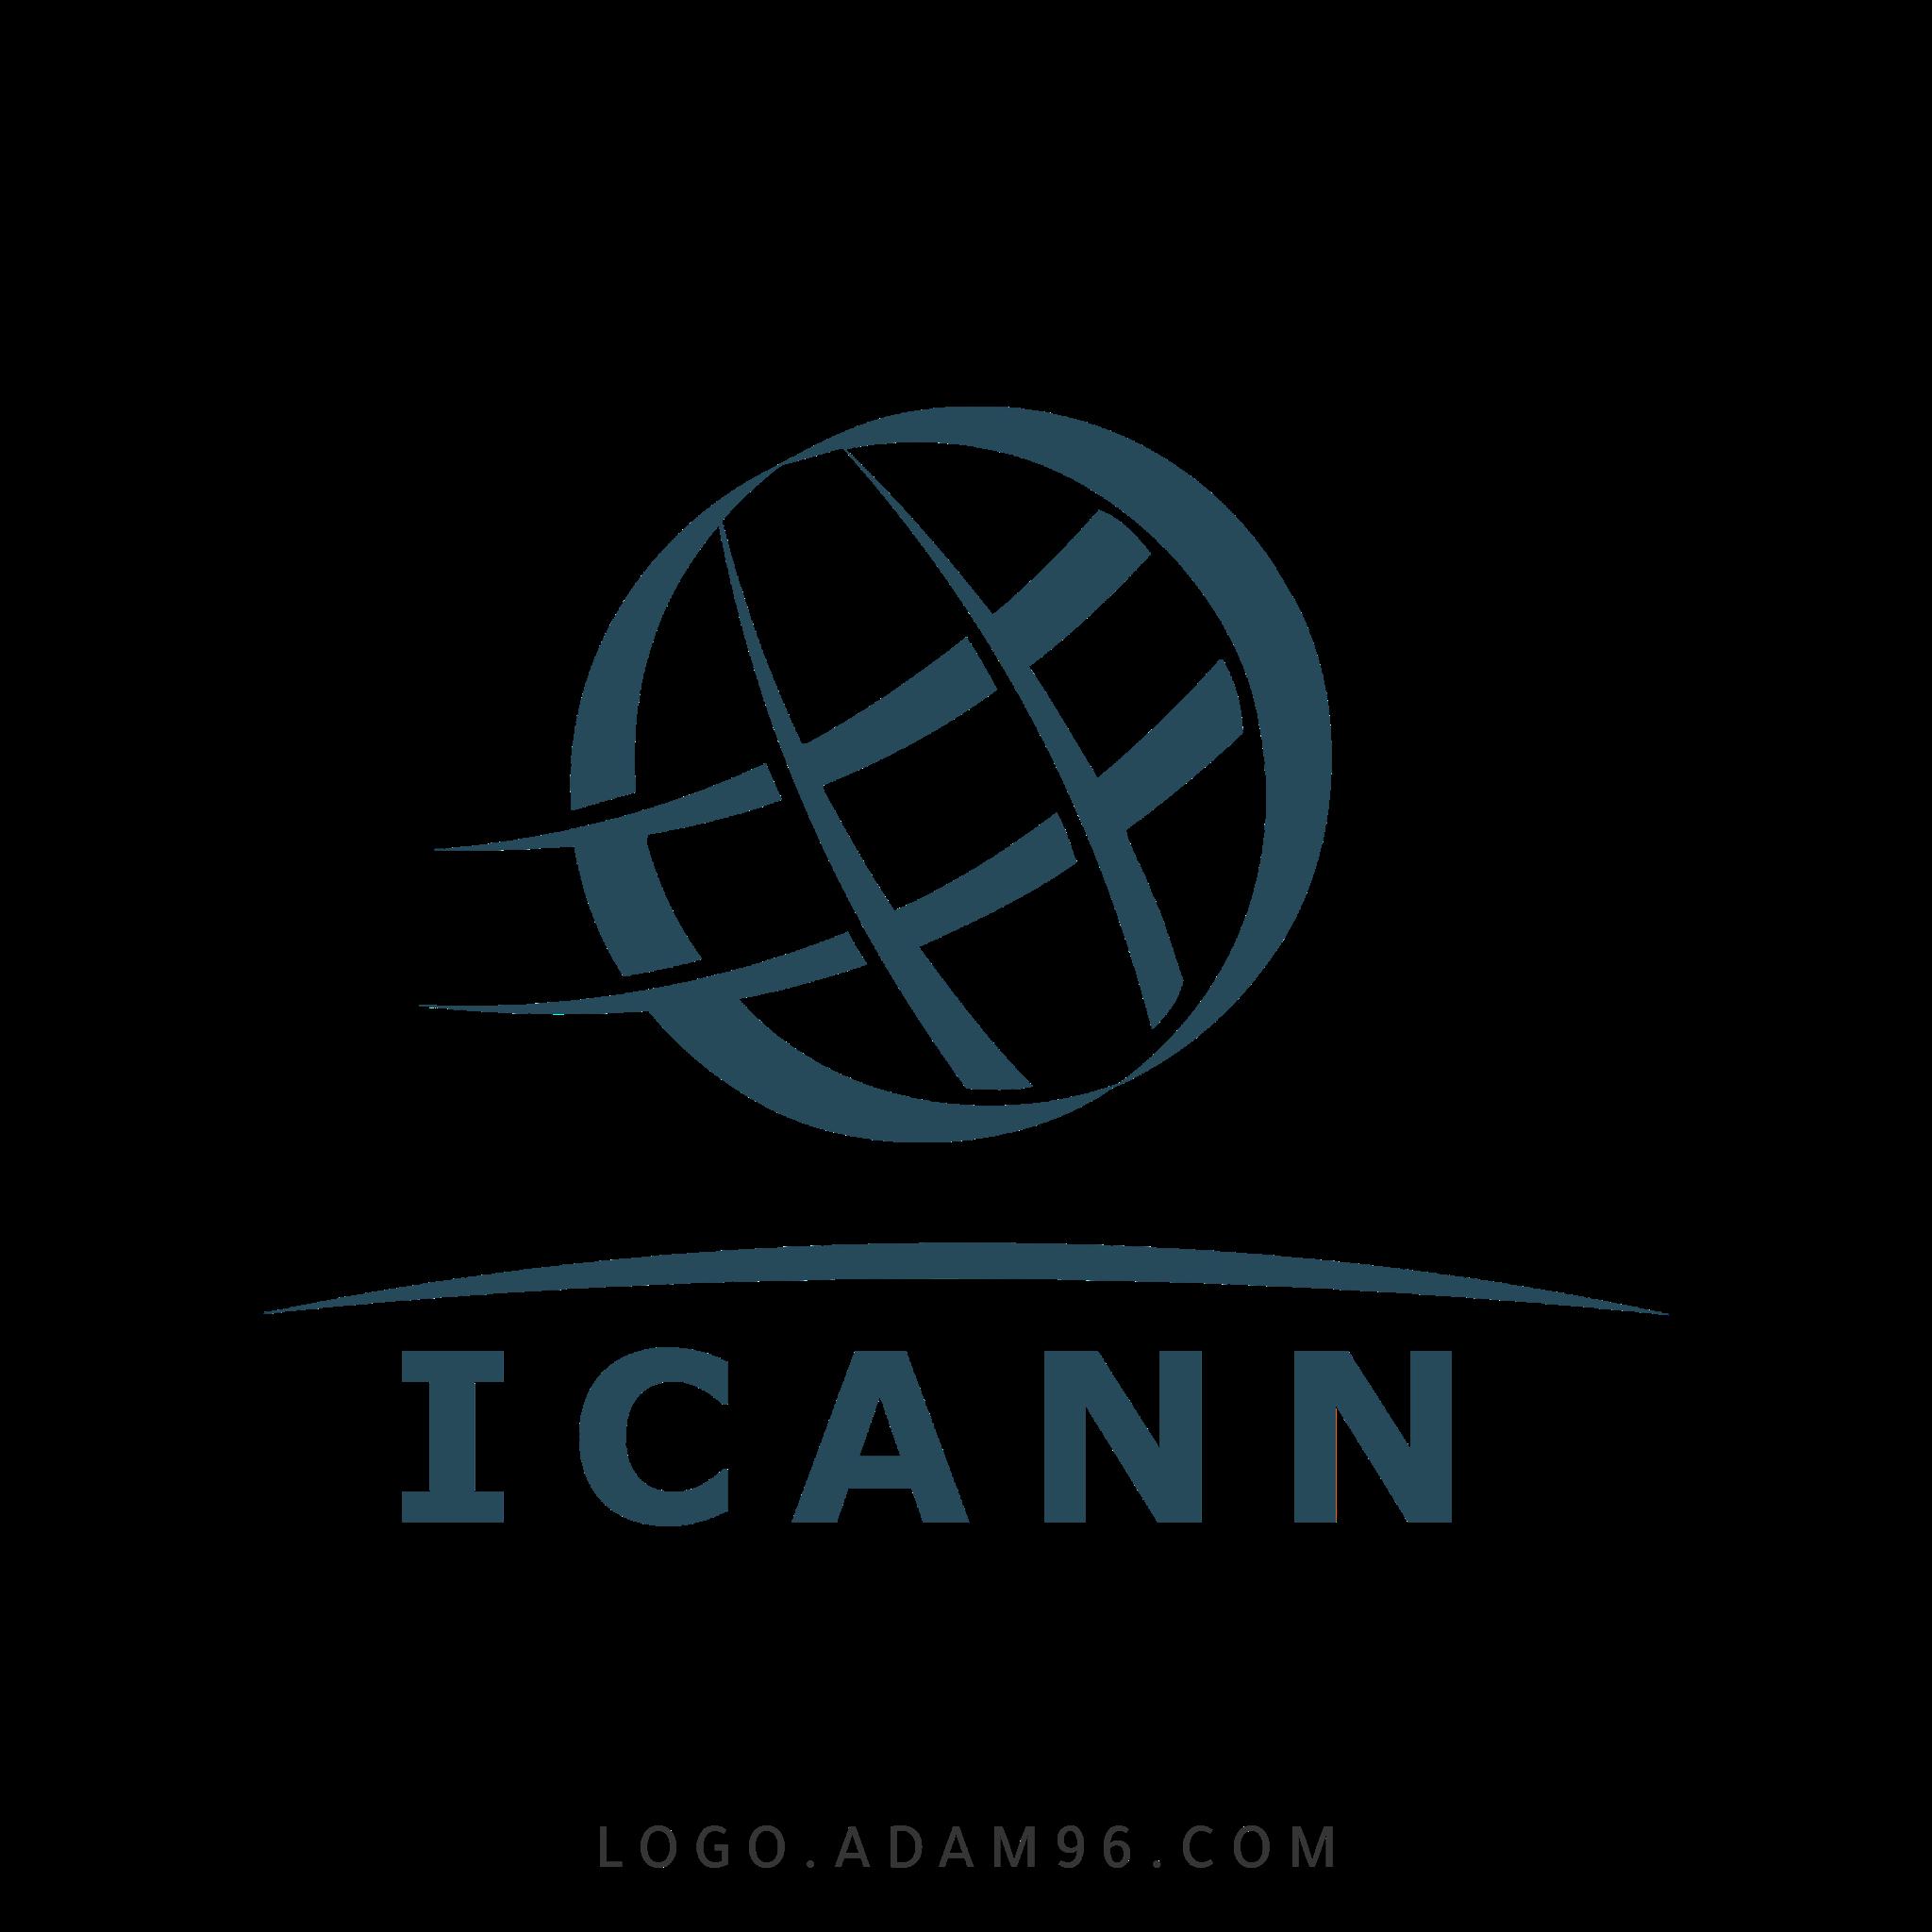 تحميل شعار منظمة آيكان العالمية لوجو شفاف Logo ICANN PNG